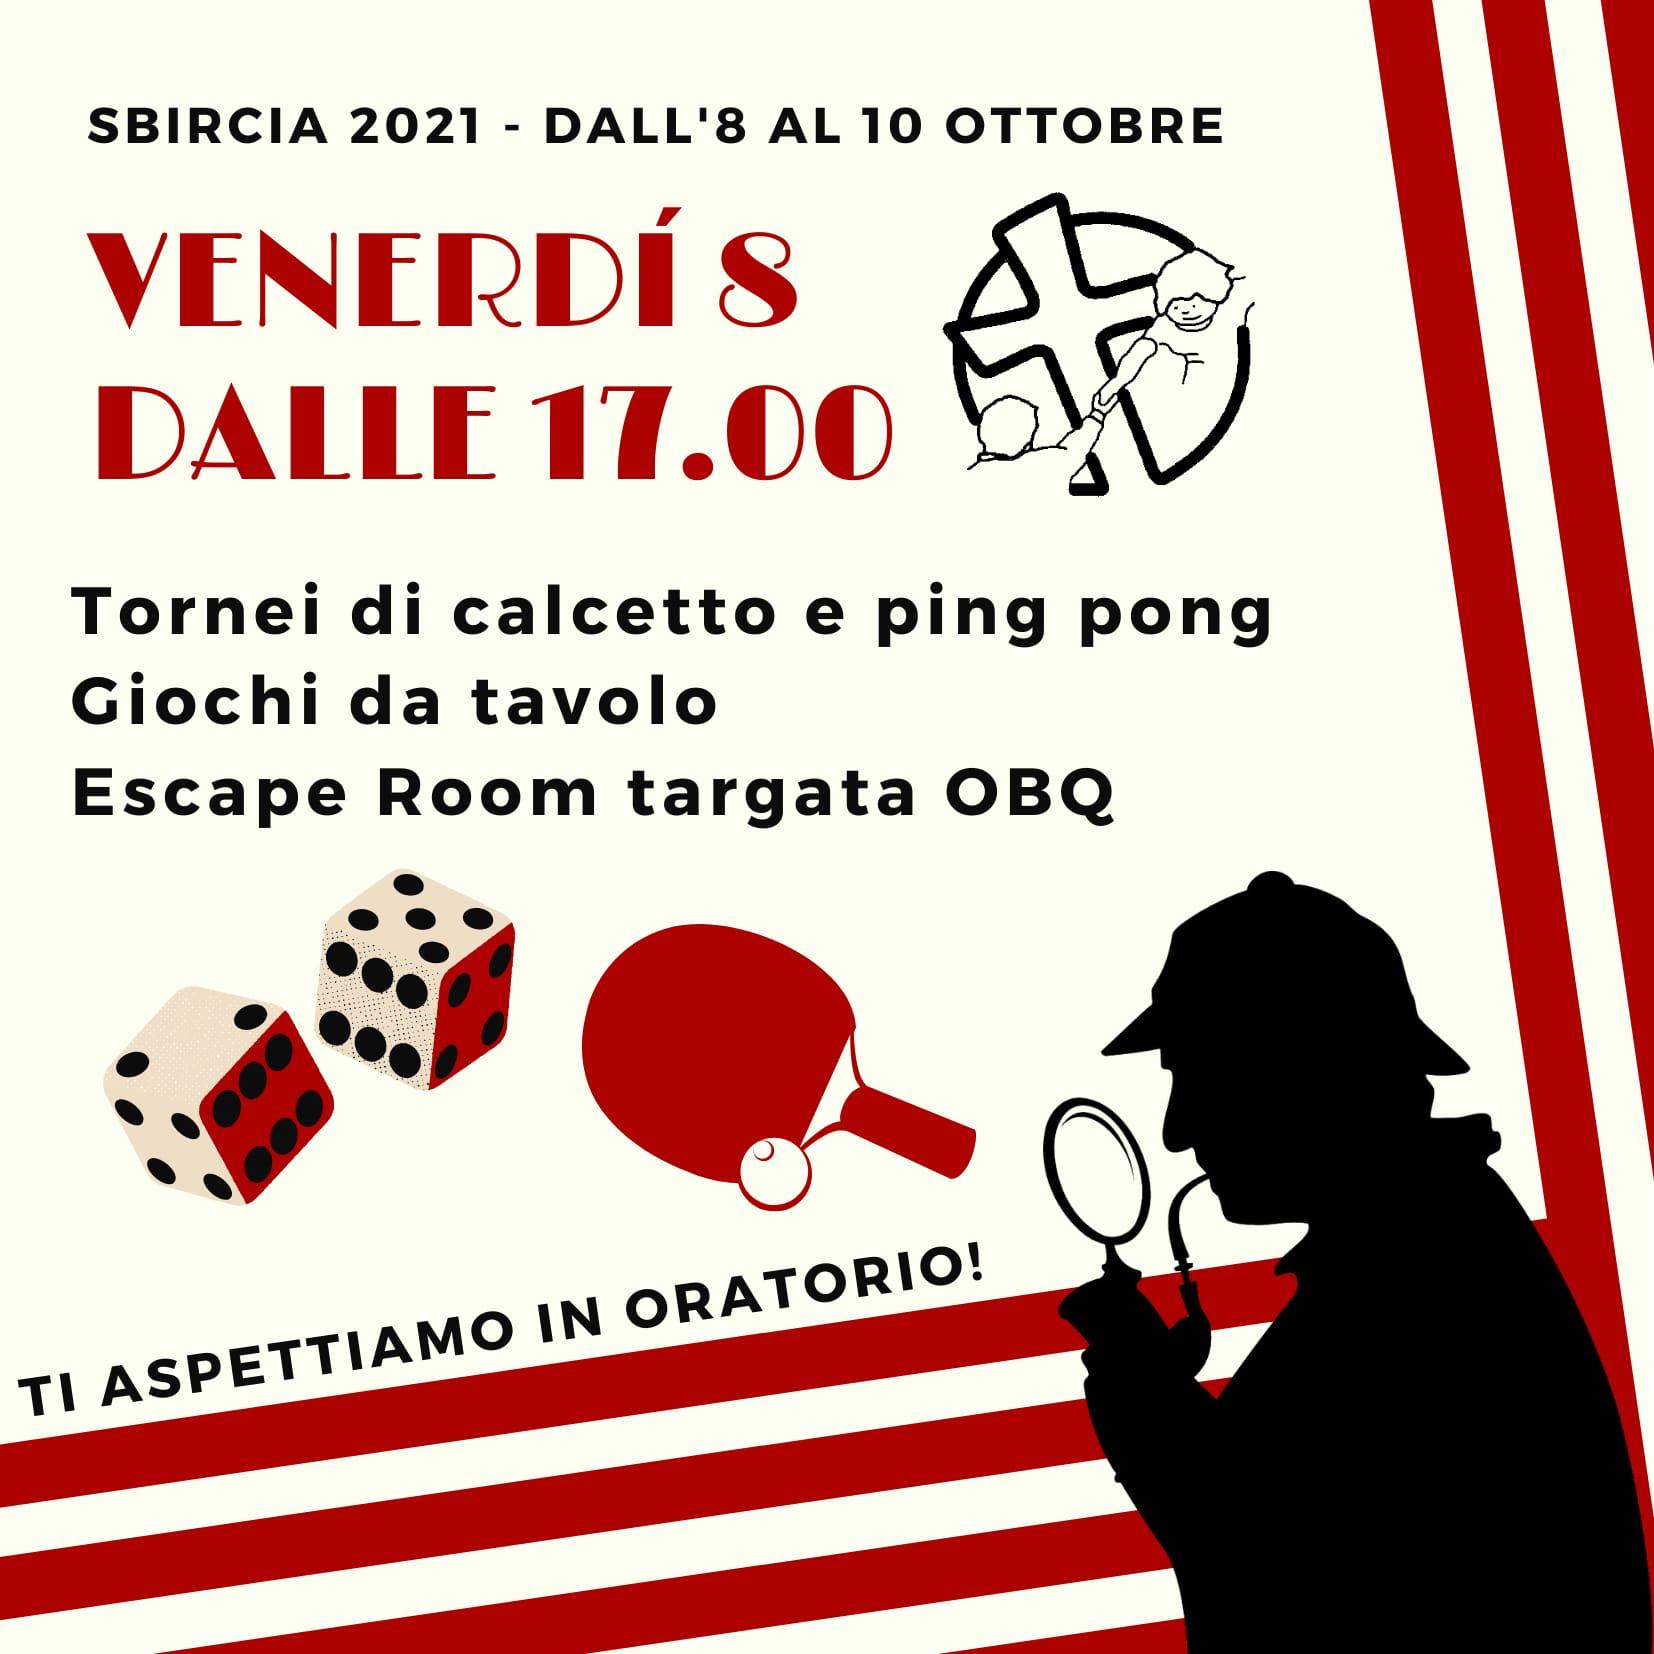 bo211008-Sbircia2021-FestaDellOratorio-Venerdi